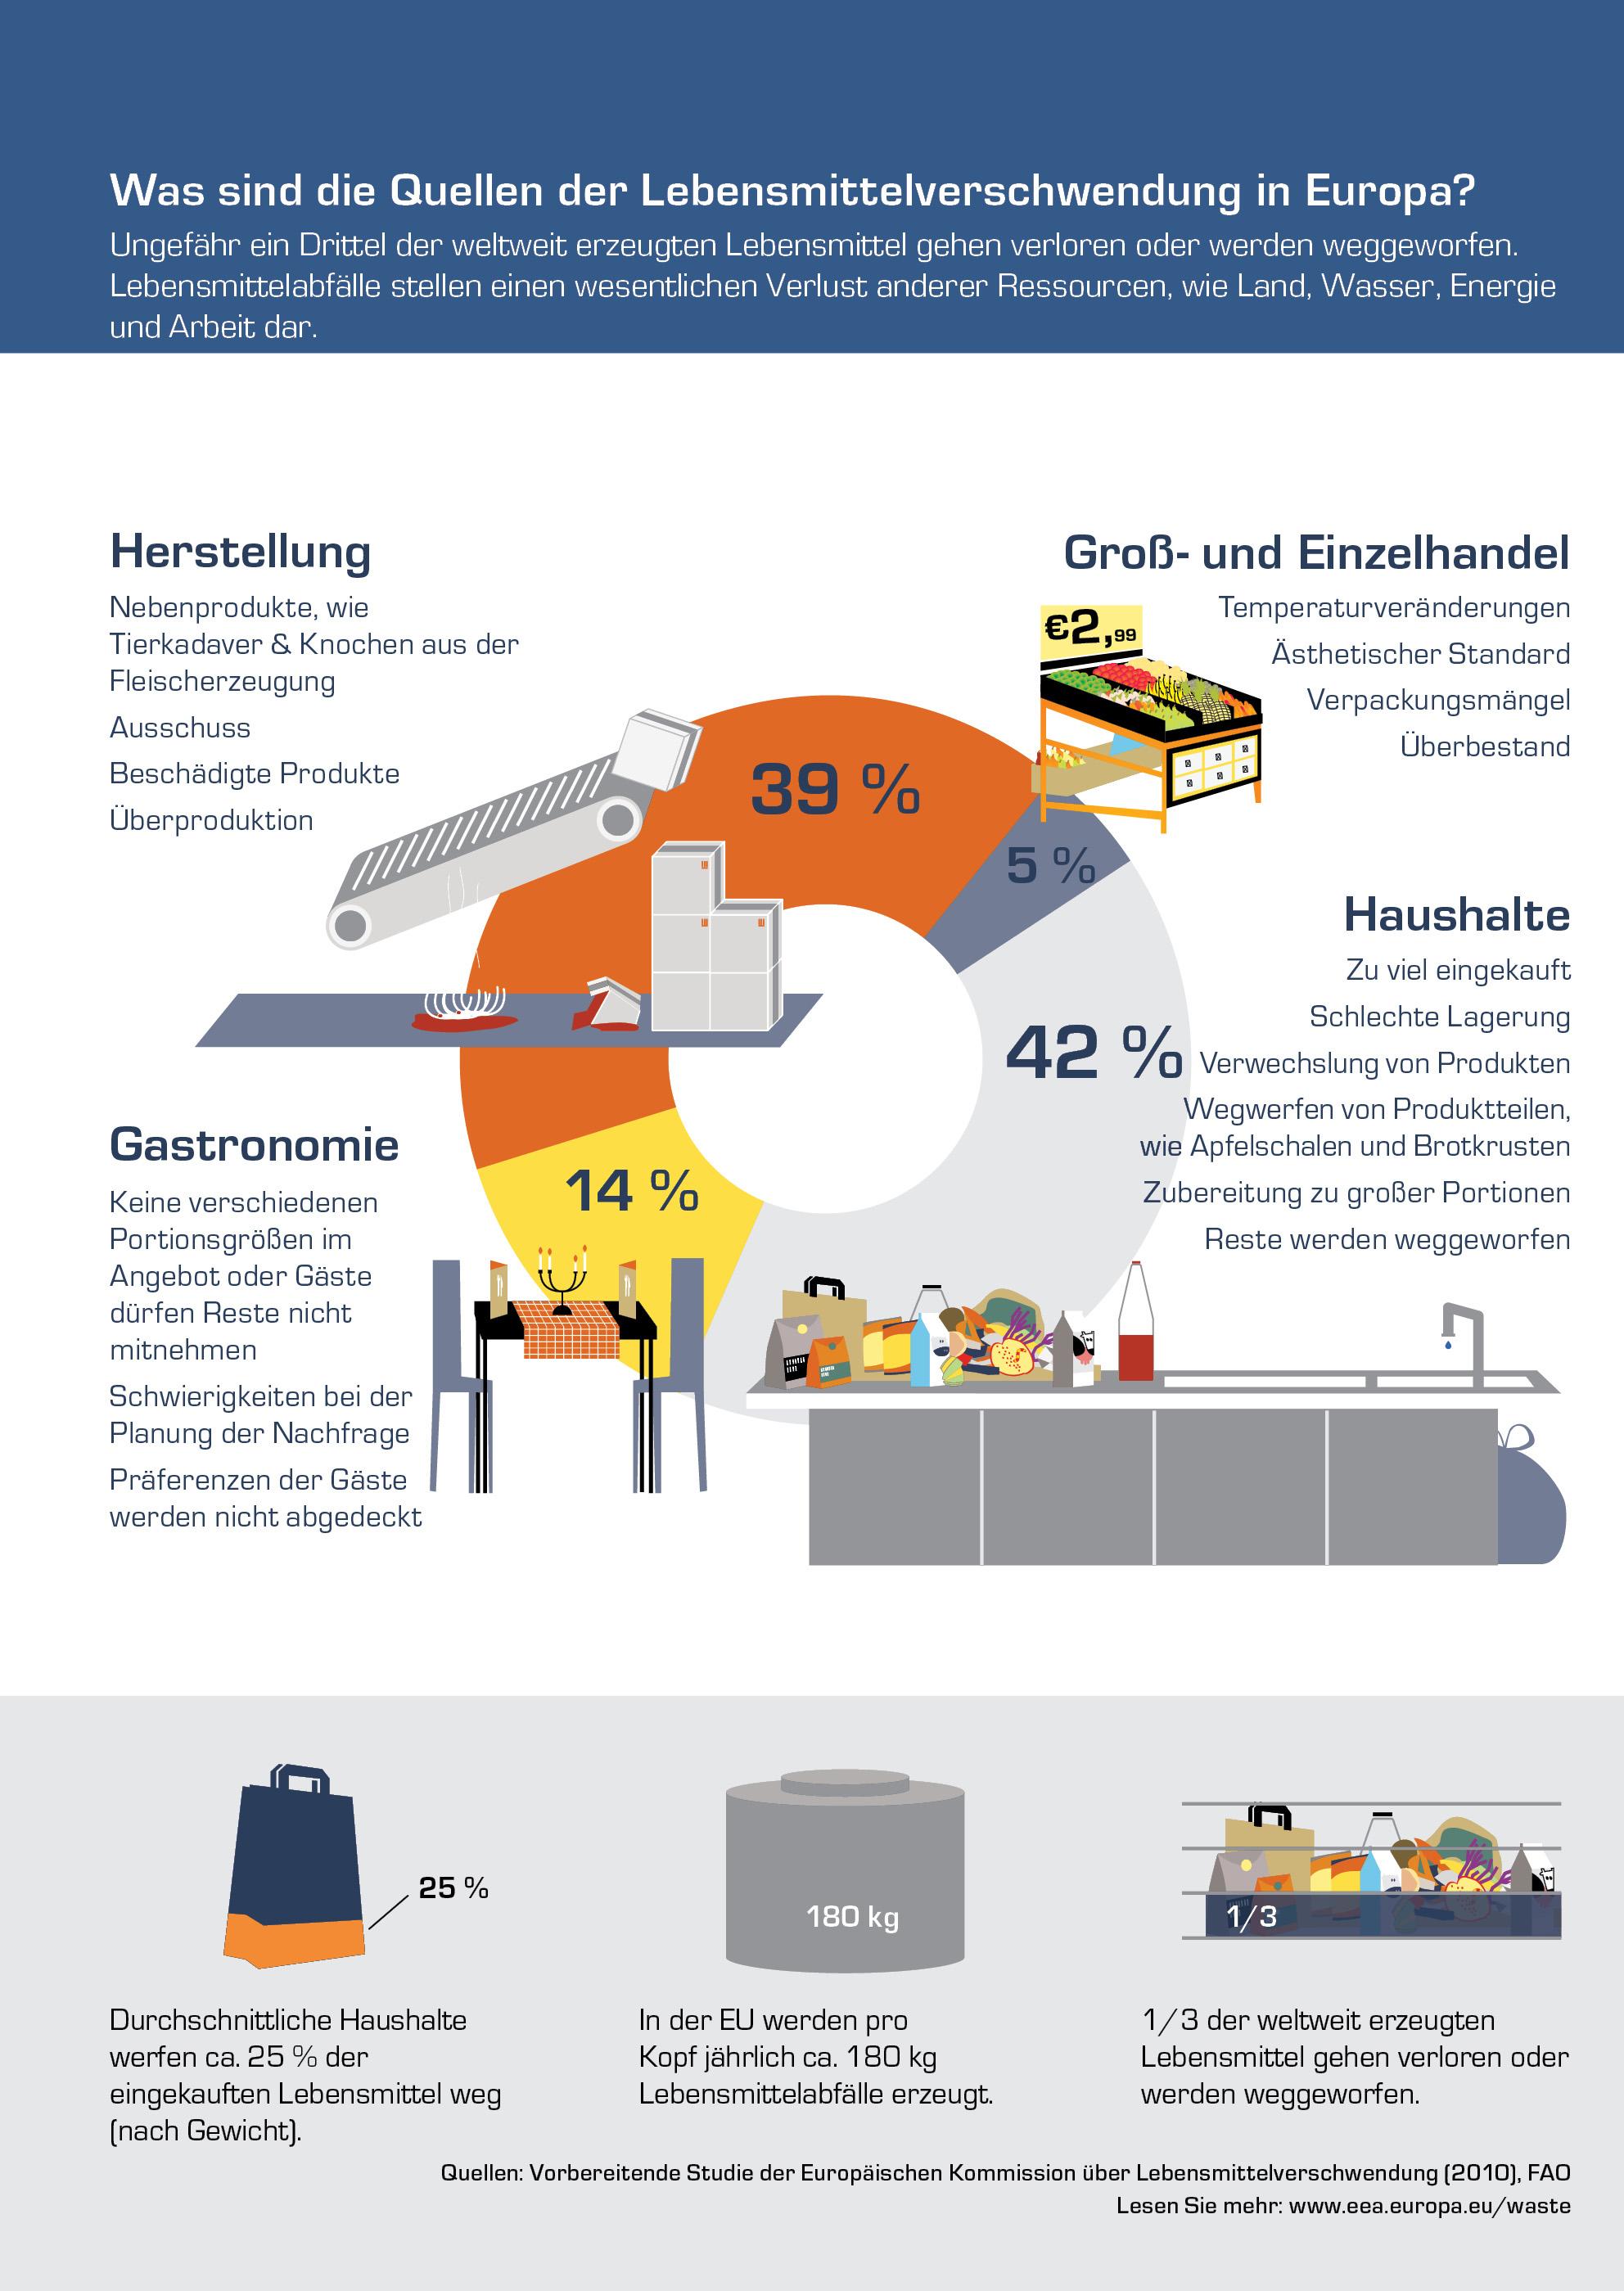 Was sind die Quellen der Lebensmittelverschwendung in Europa?